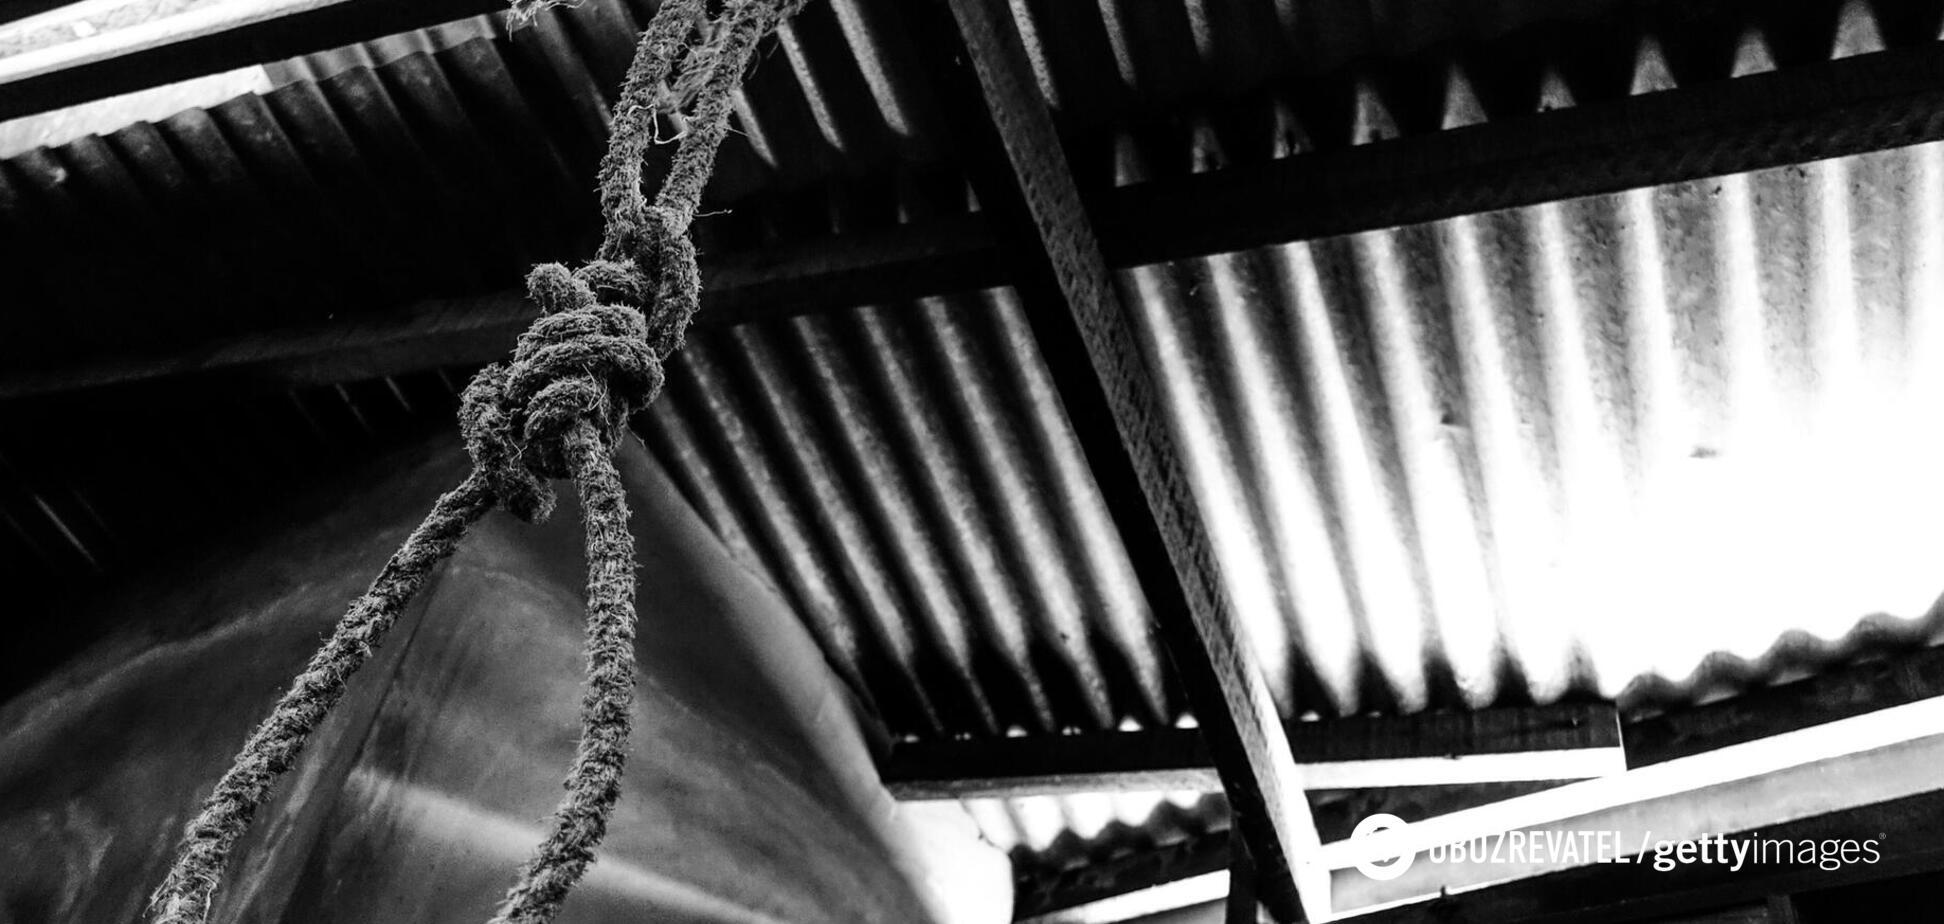 Житель Ивано-Франковска задушил свою сожительницу, а потом повесился